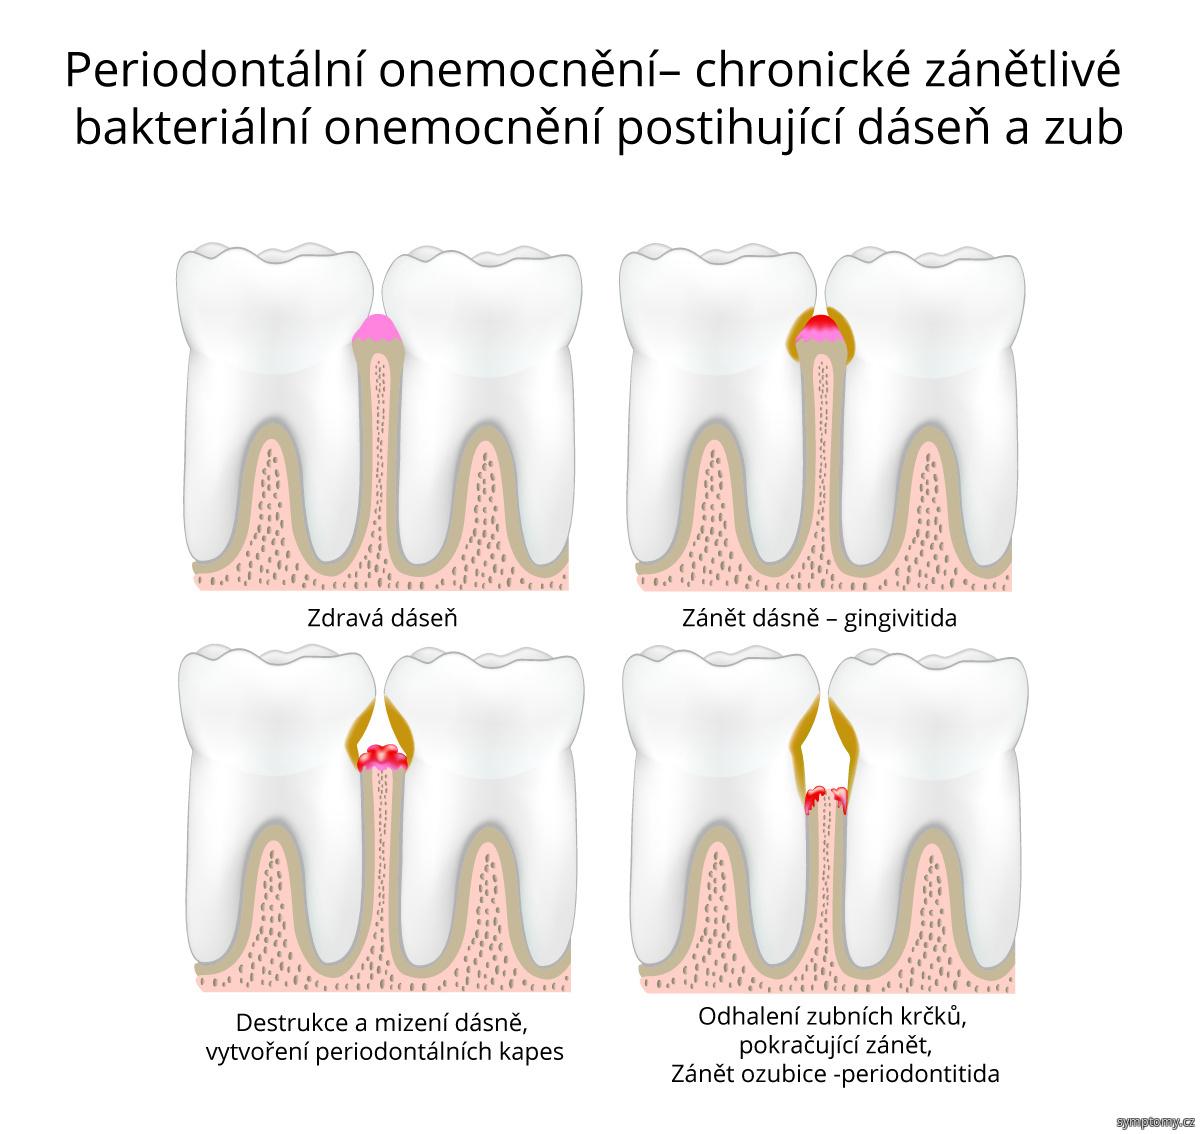 Periodontalni onemocnění